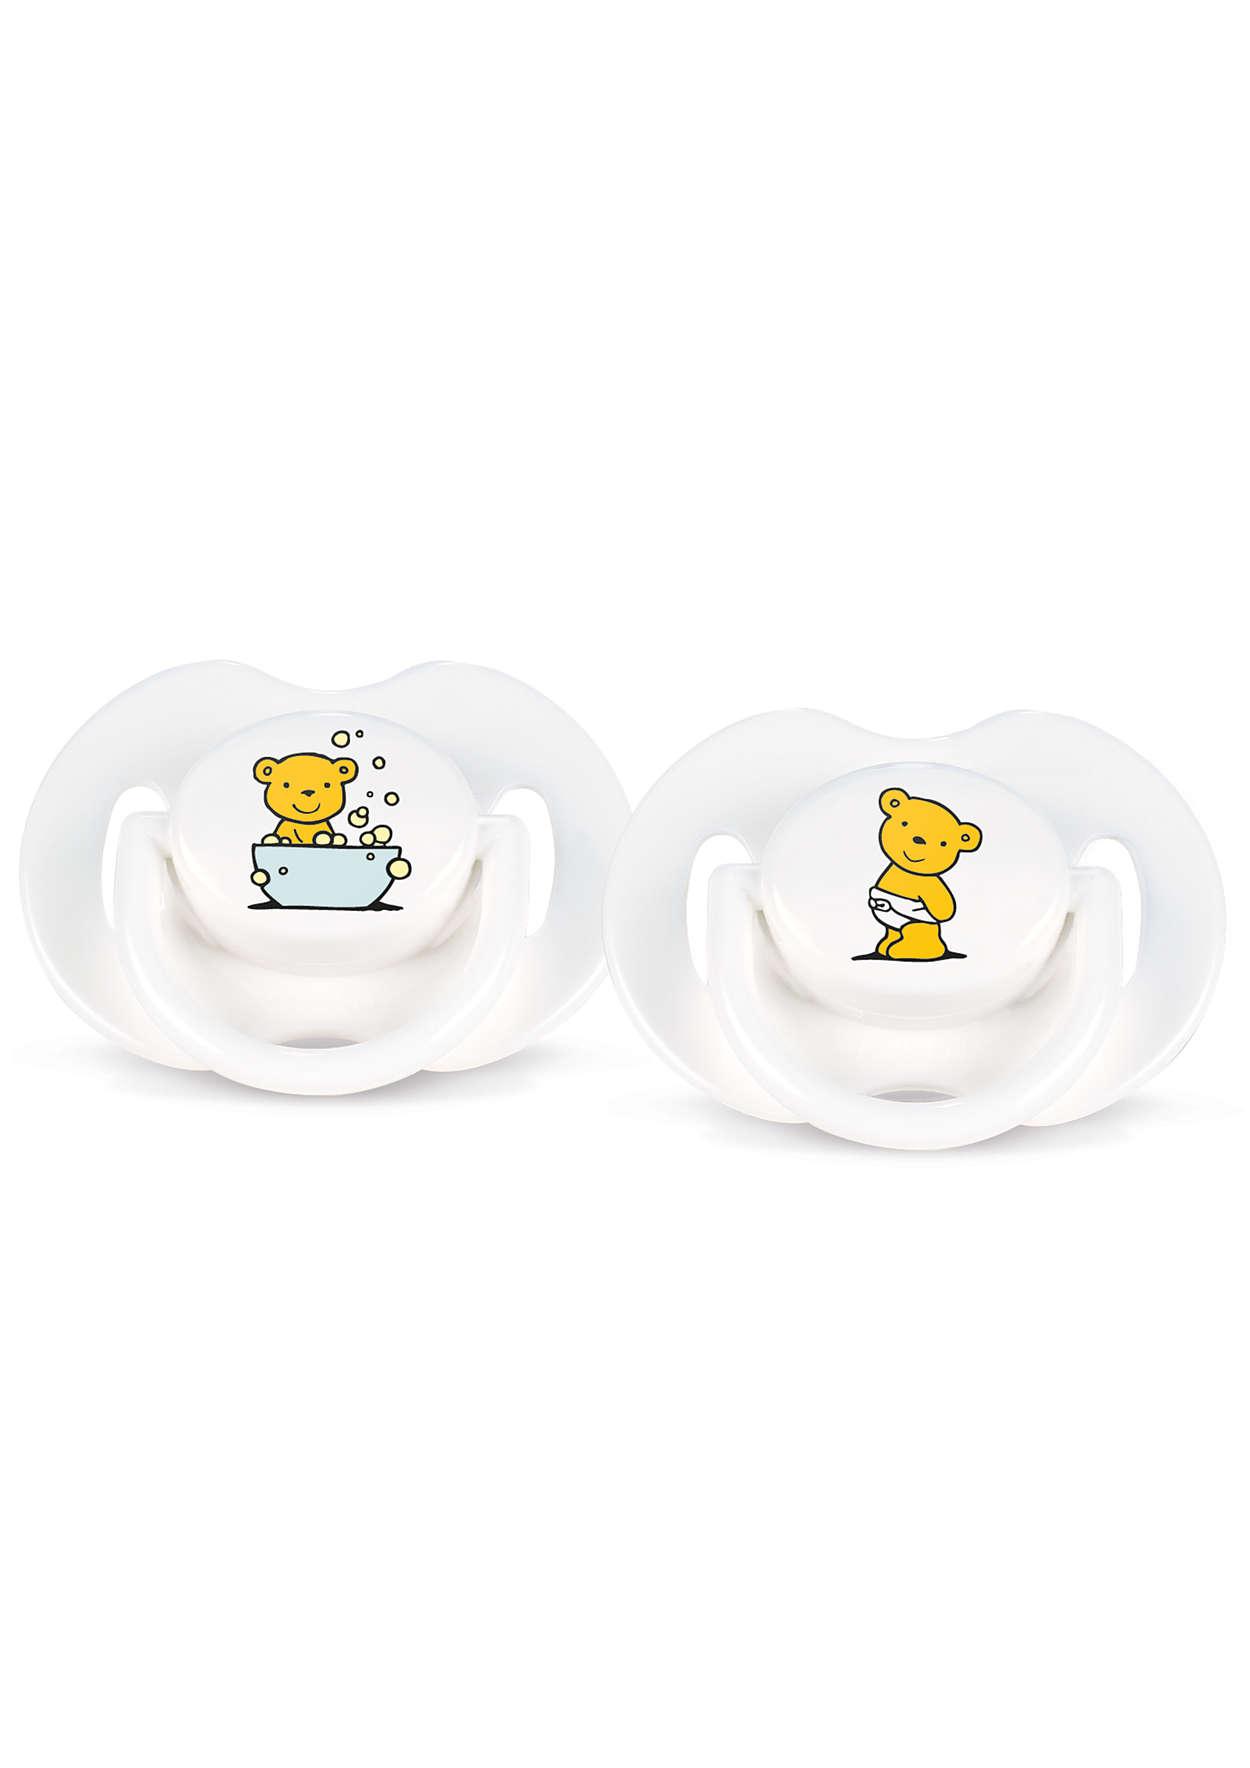 ช่วยในการเรียงตัวของฟัน ปลอดสาร BPA